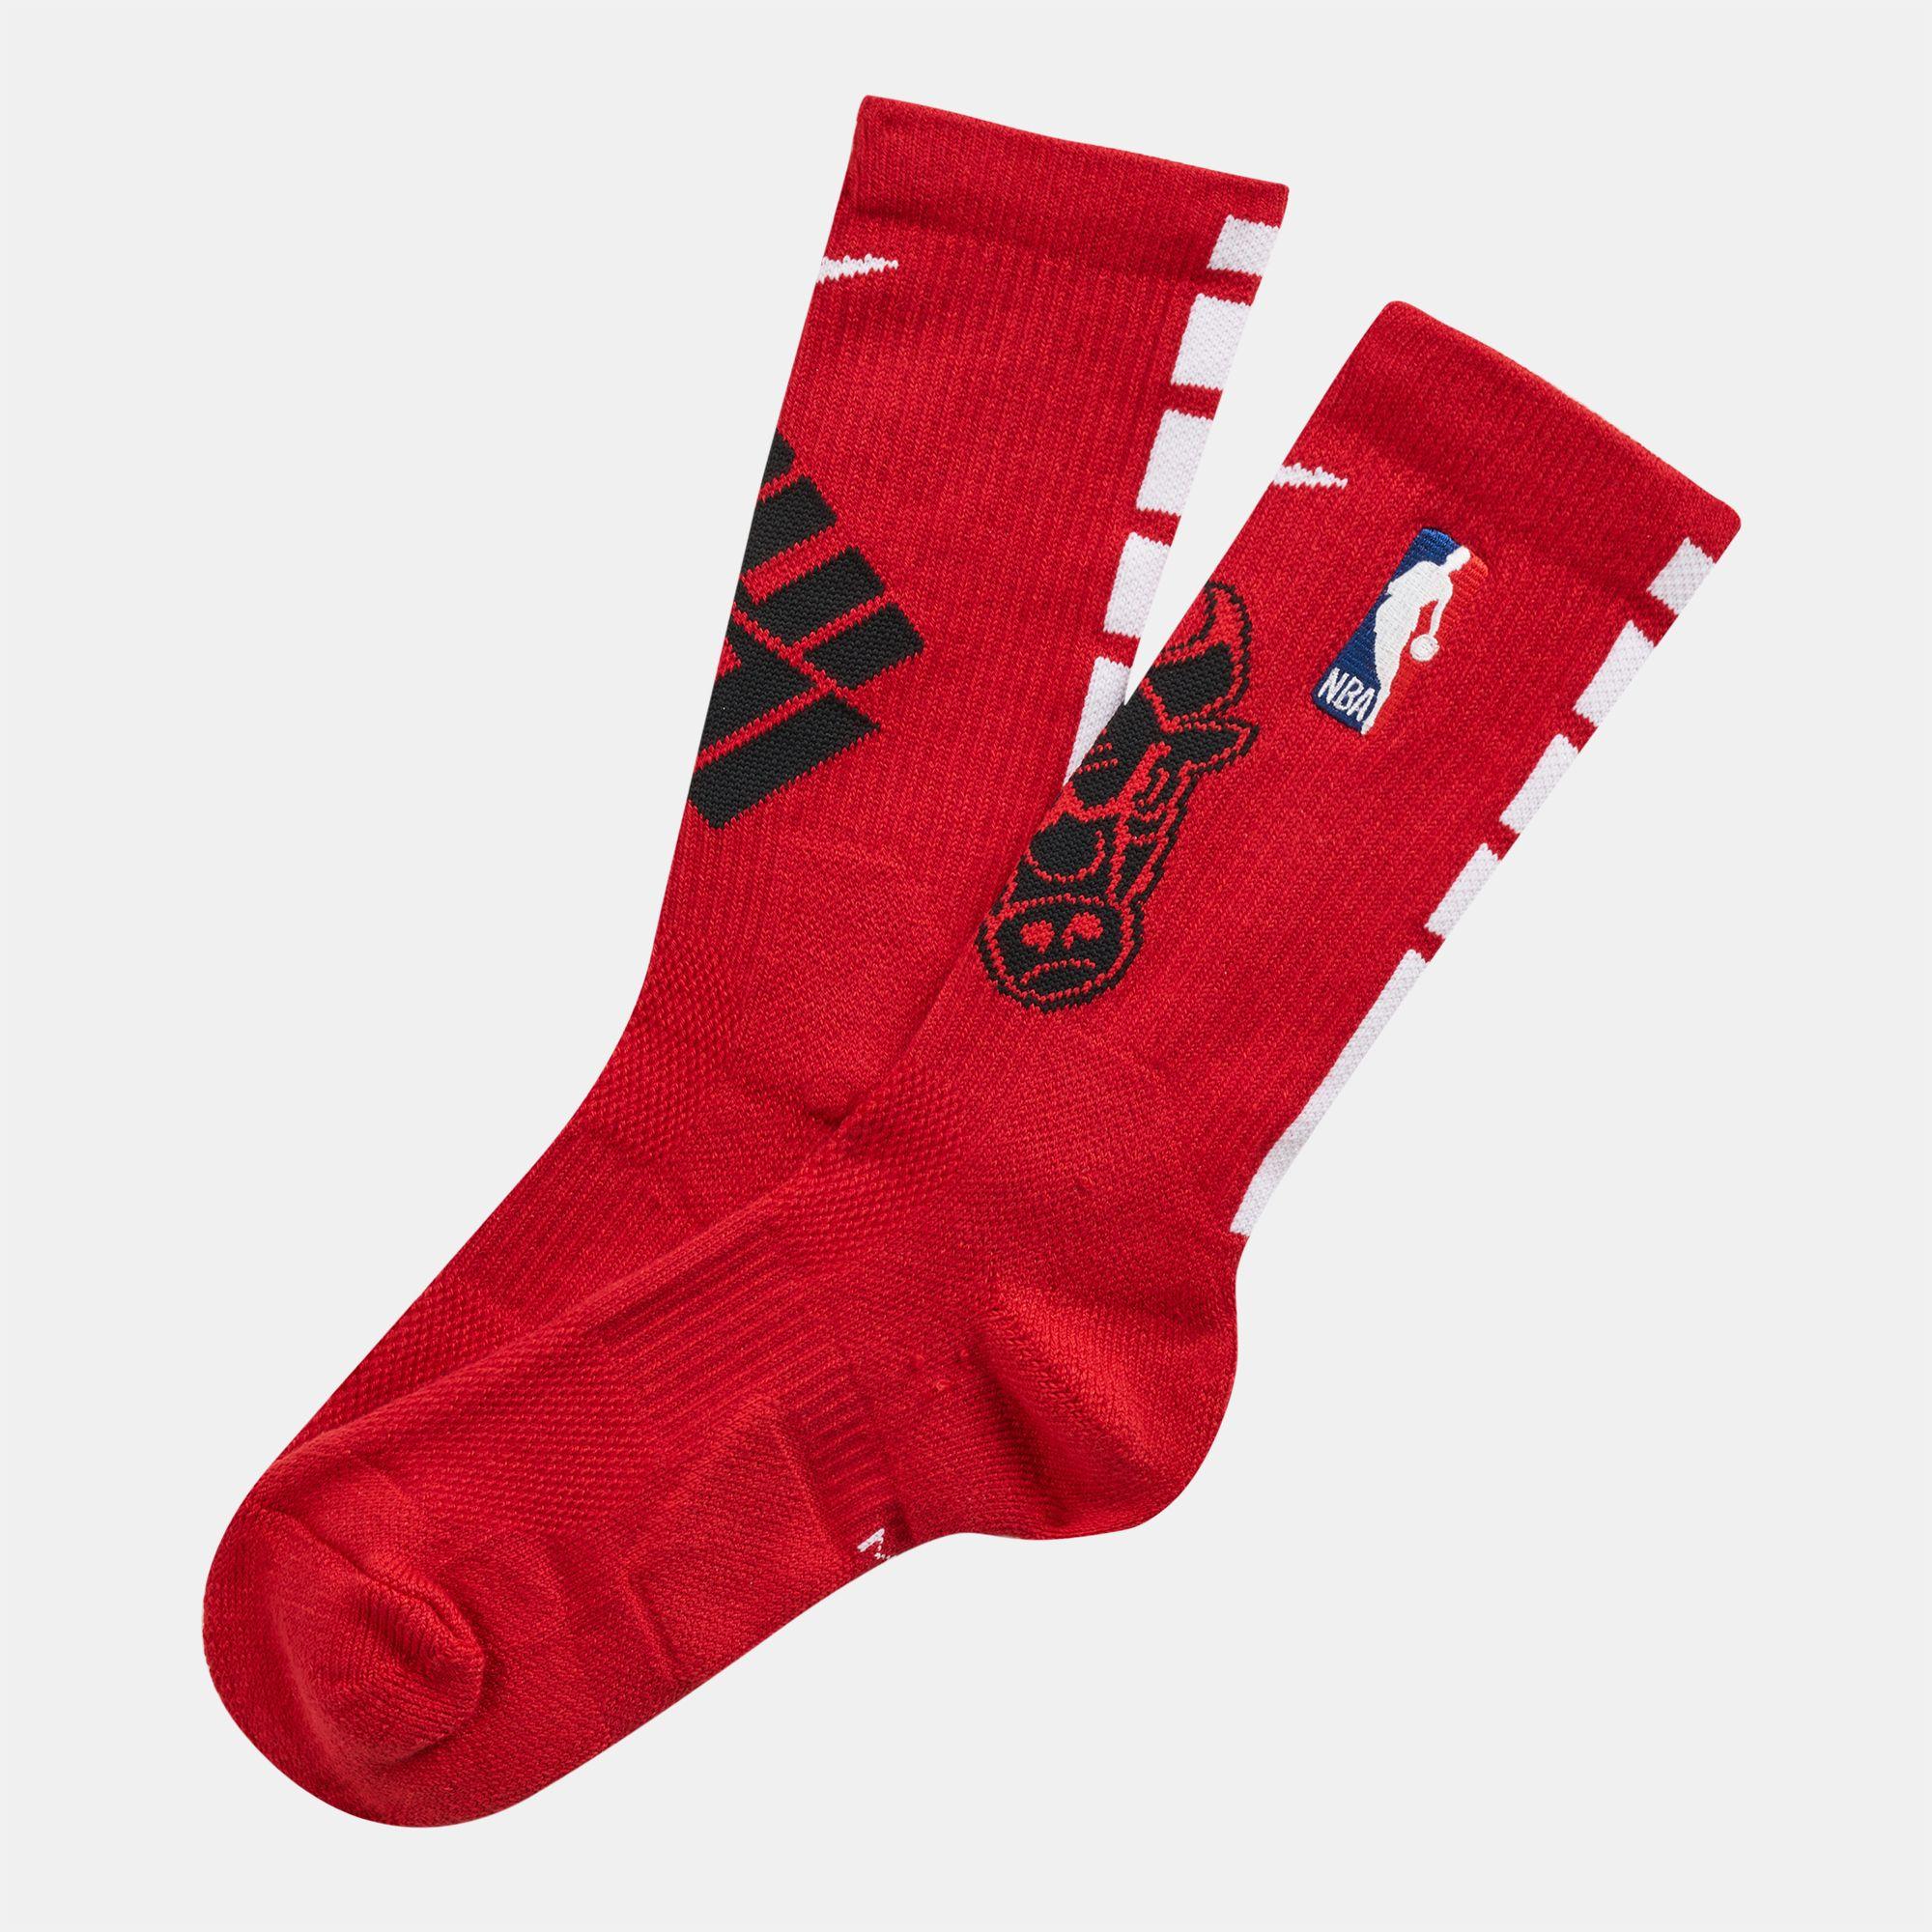 Nike NBA Chicago Bulls Elite Crew Socks | Crew Socks | Socks ...